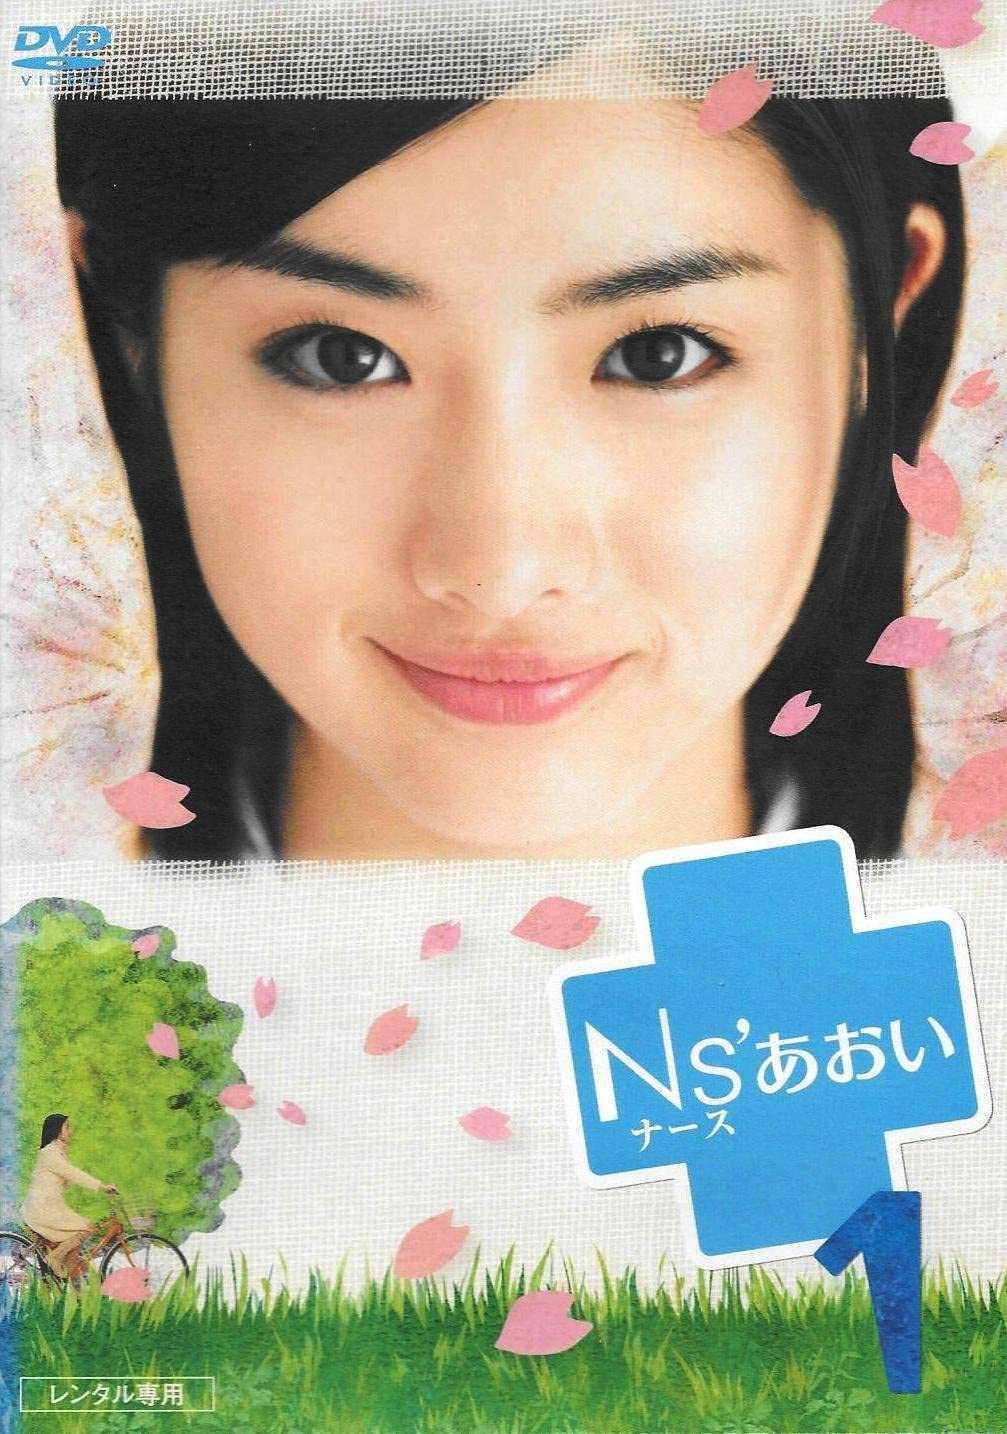 nurse-aoi-2006-ตอนที่-1-11-ซับไทย-จบ-